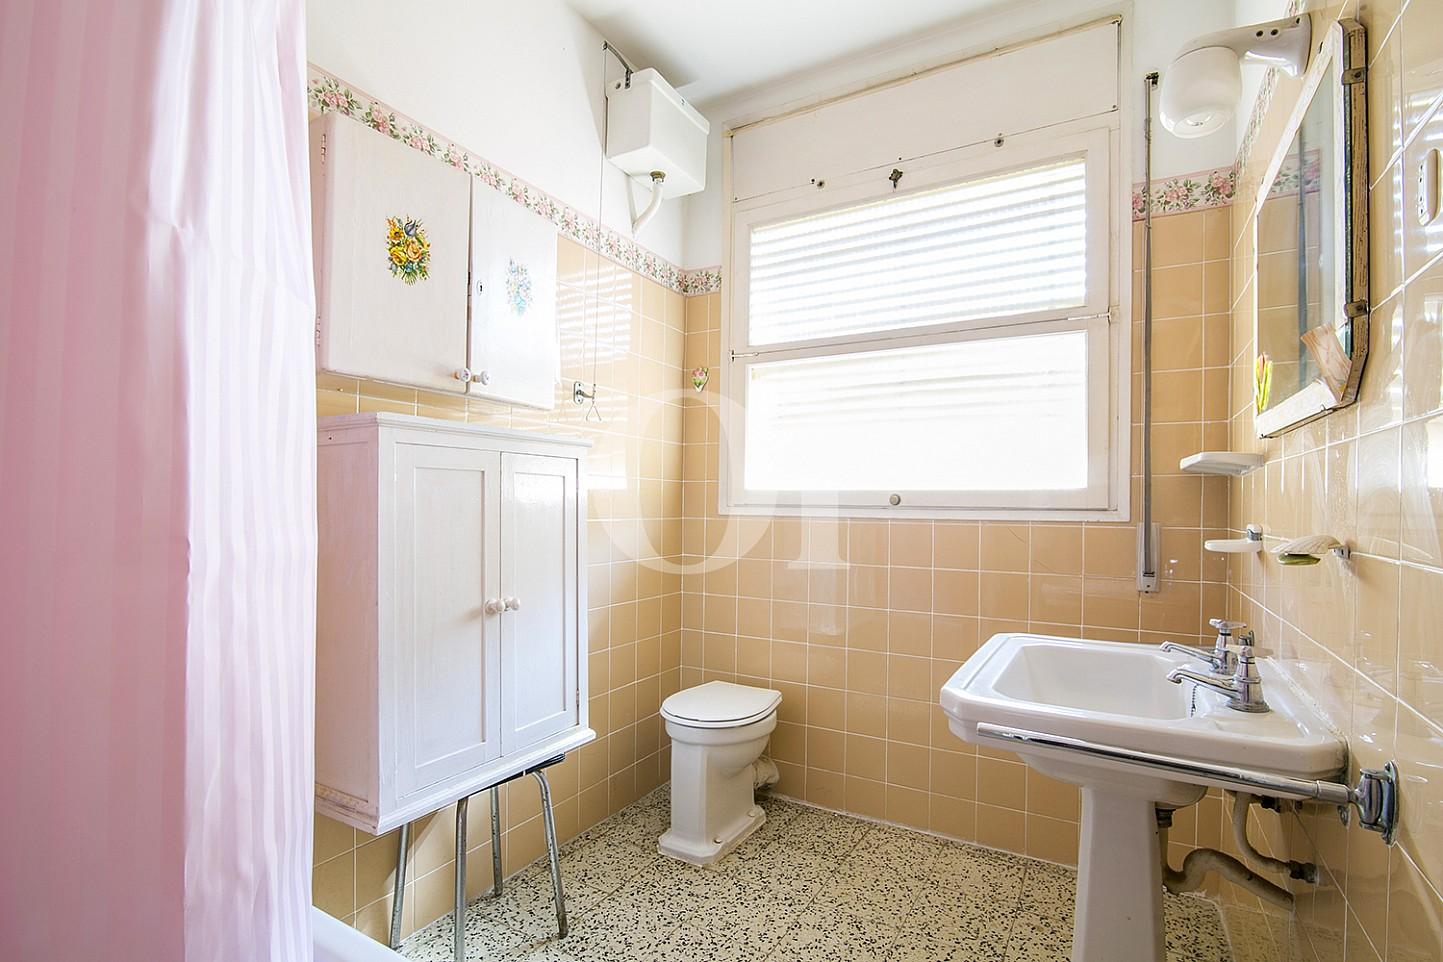 vistas de cuarto de baño con aseo y bañera  en piso en venta situado en Caldetas